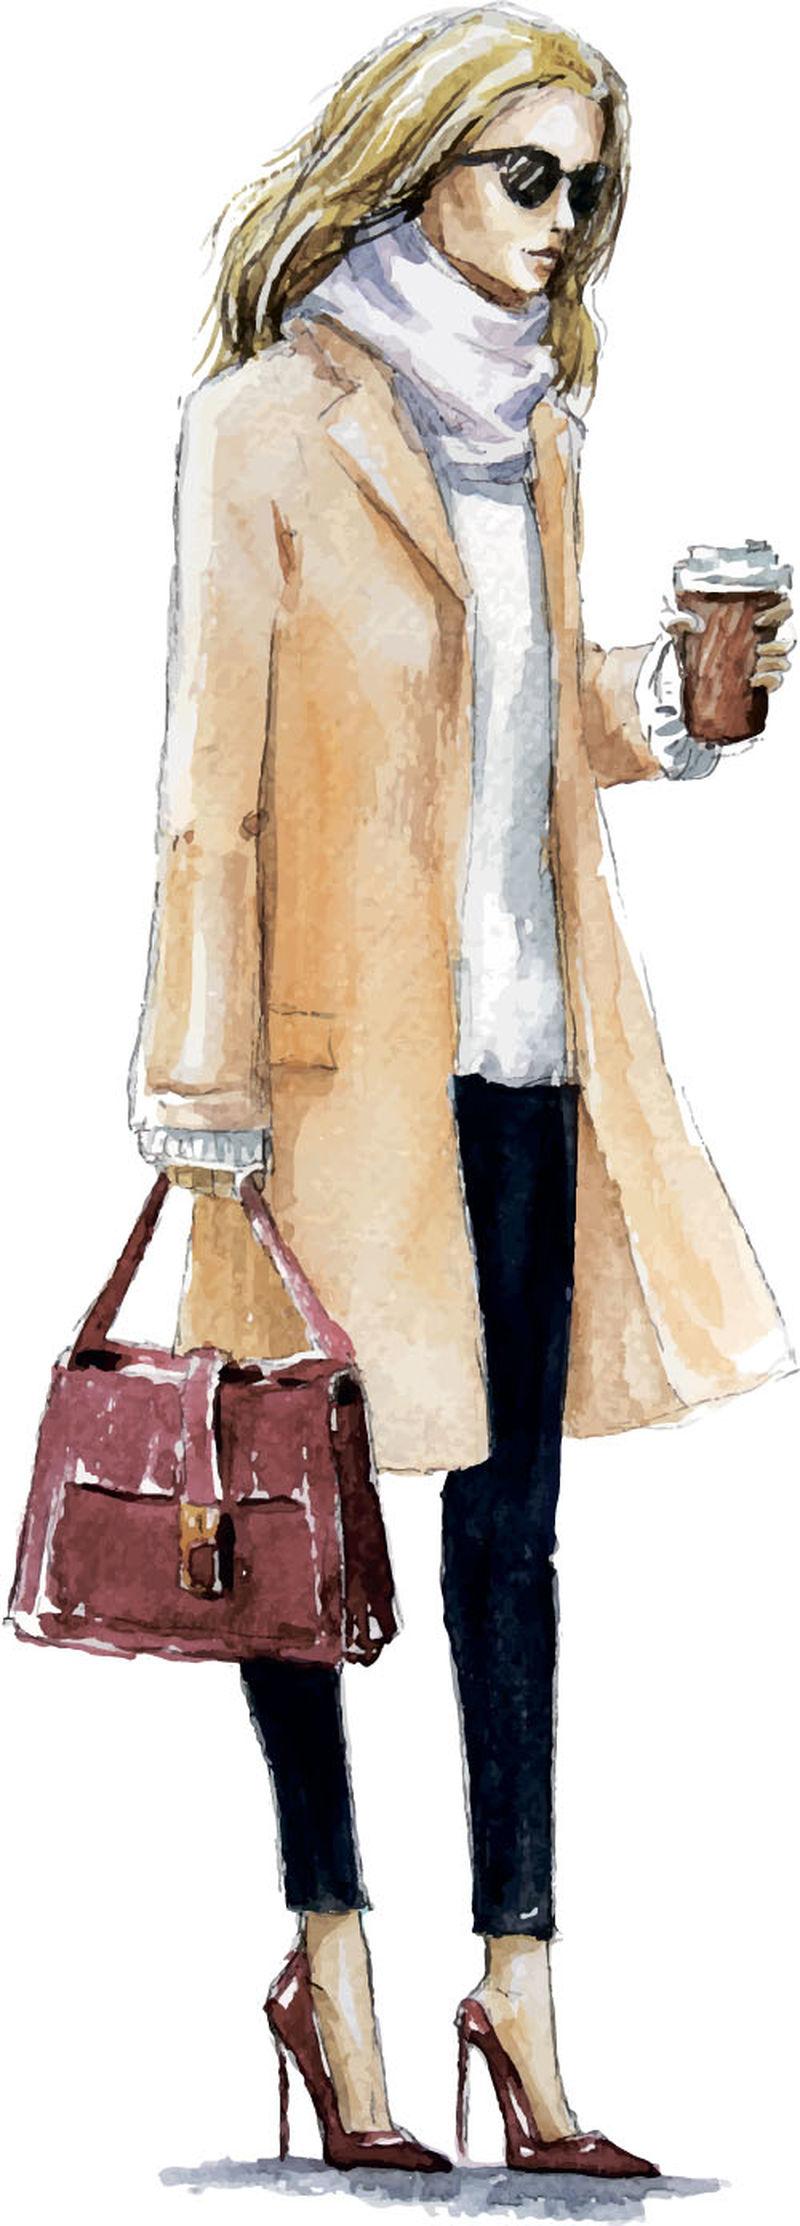 戴帽子的漂亮年轻女子-穿着时尚服装的时髦女人-时尚女士-秋季服装-拿着咖啡杯的手绘女孩-素描